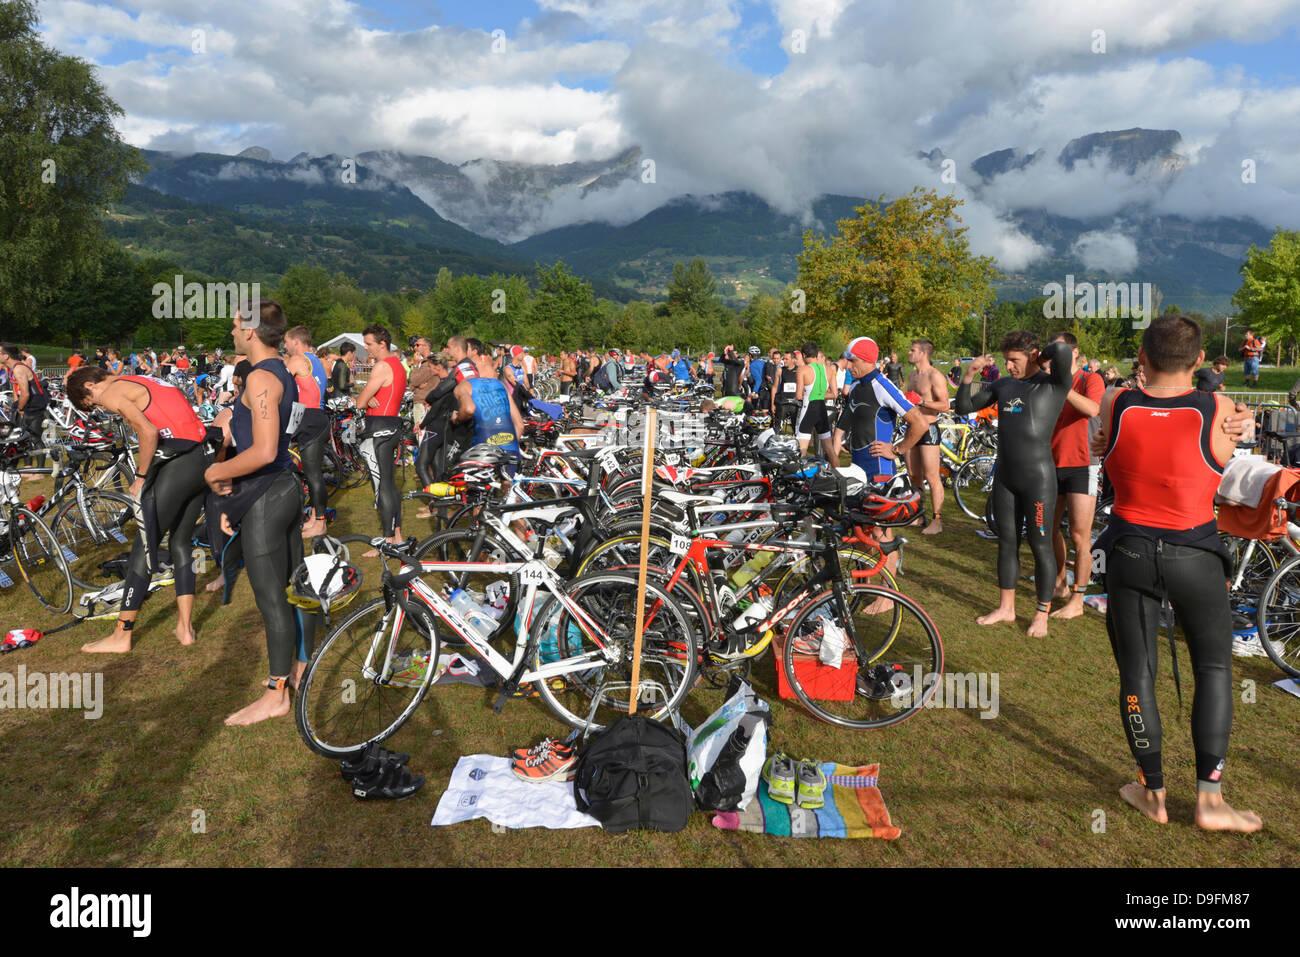 Stazione di Cambio, Passy Triathlon, Passy, Haute-Savoie, sulle Alpi francesi, Francia Immagini Stock